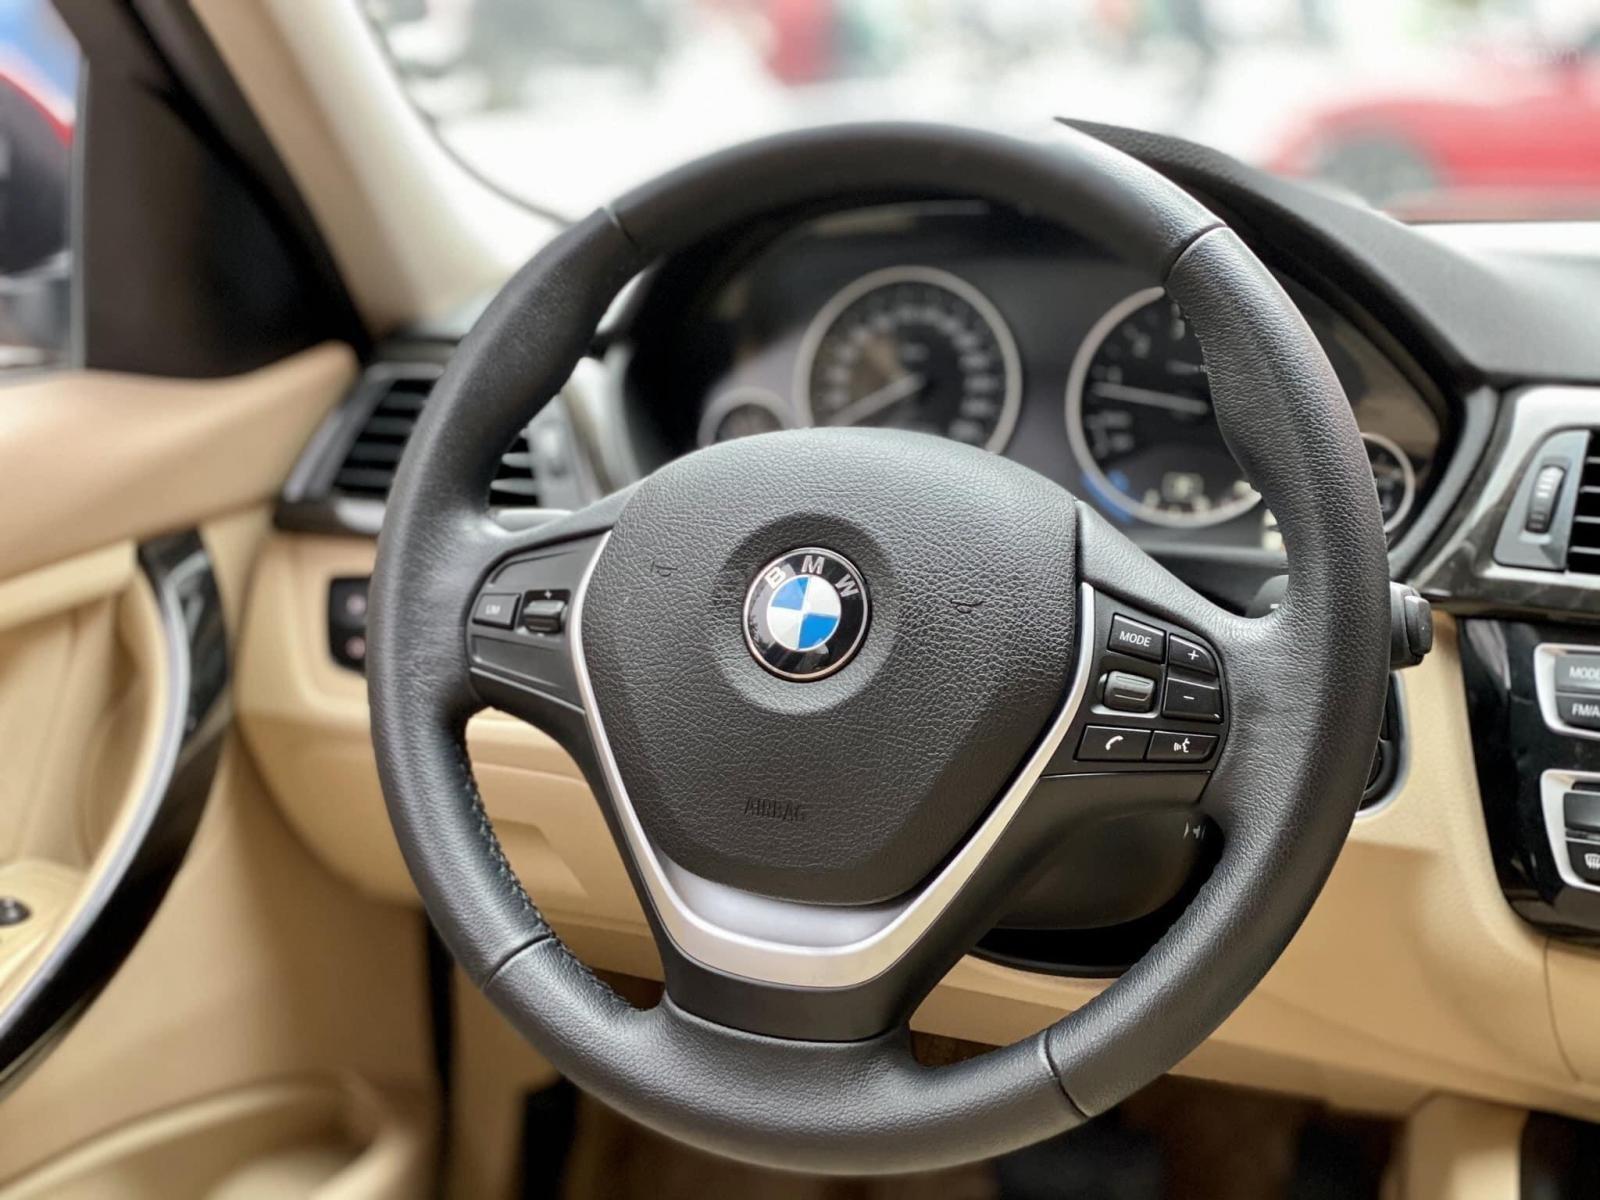 Bán gấp BMW 320i model 2016  xe đẹp long lanh, giá cực ngầu cho anh em (5)